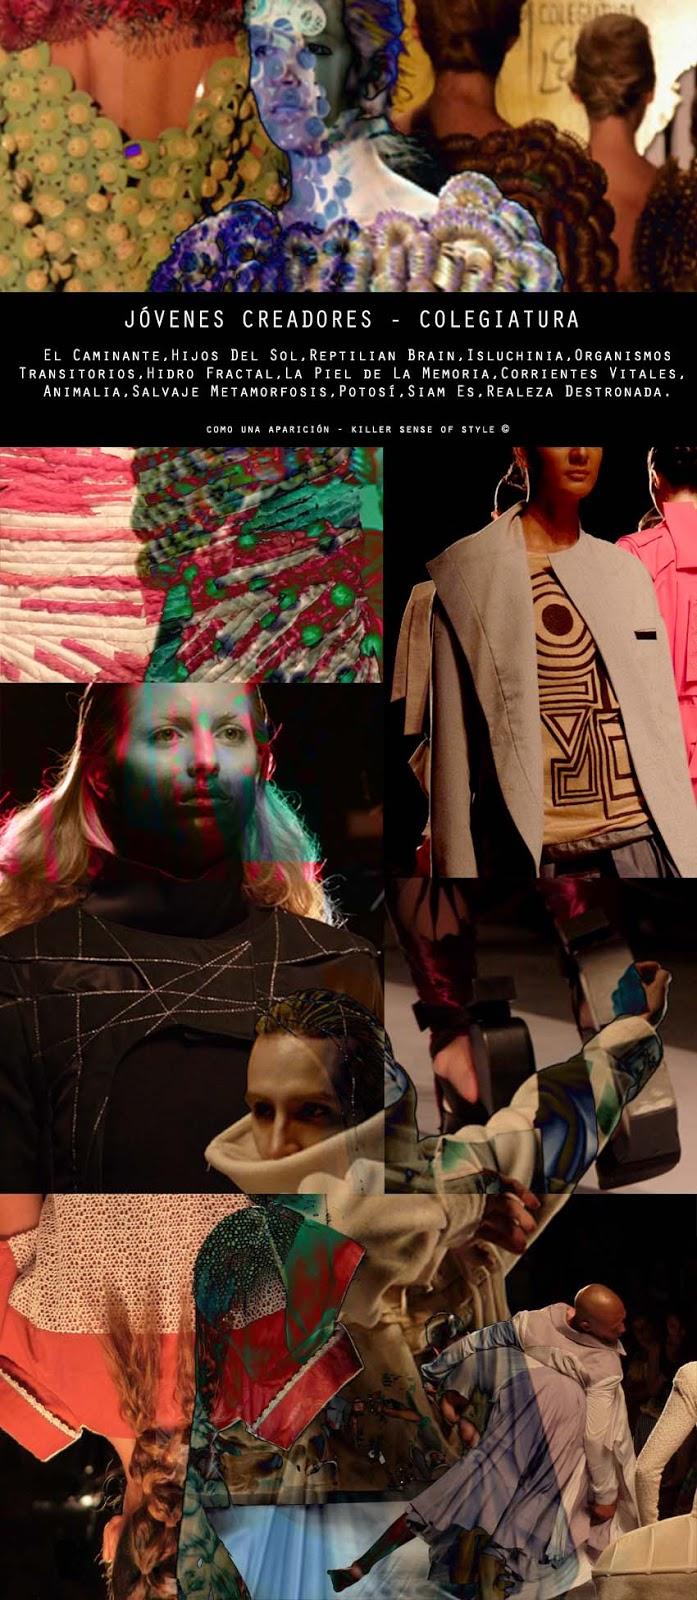 colombiamoda-colegitura-colombiana-de-diseño-jóvenes-creadores-chocolyne-desfile-2013-fashion-show-moda-colombia-como-una-aparición-killer-sense-of-style